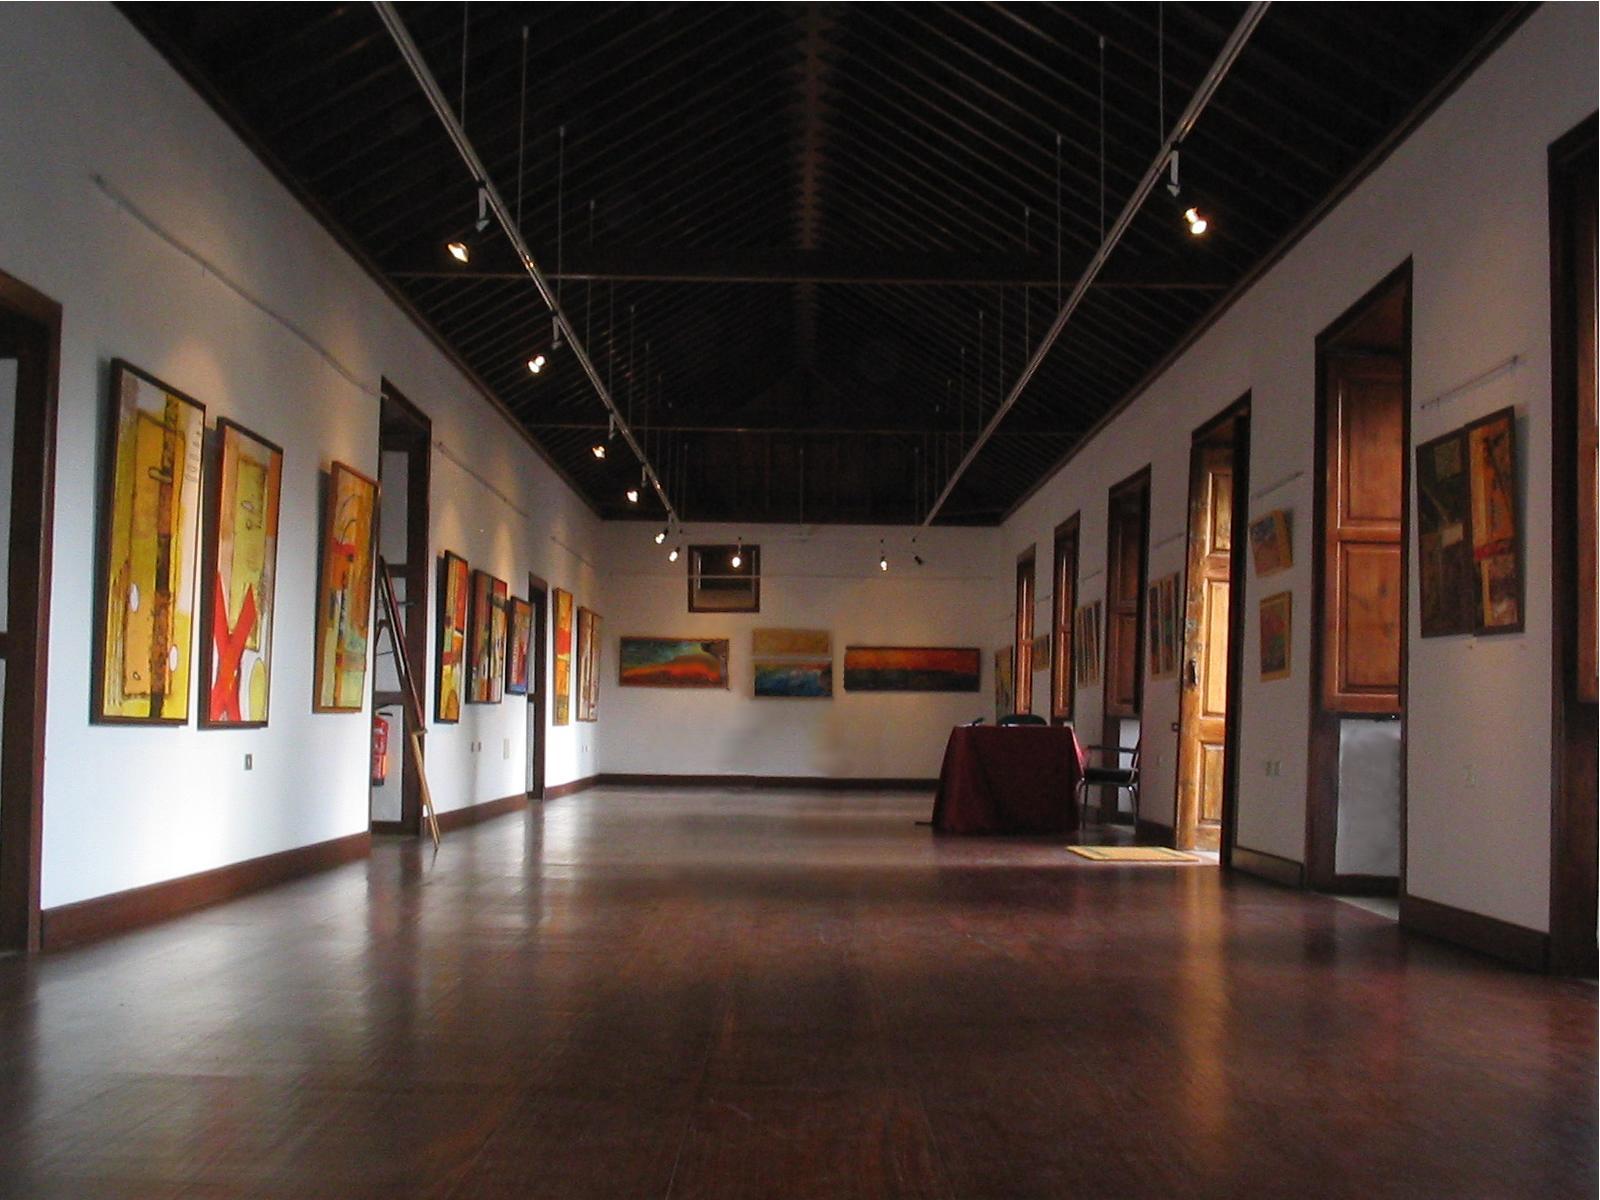 Silvia zurro arte pintura y escultura en tenerife exposiciones - Colegio de aparejadores de tenerife ...